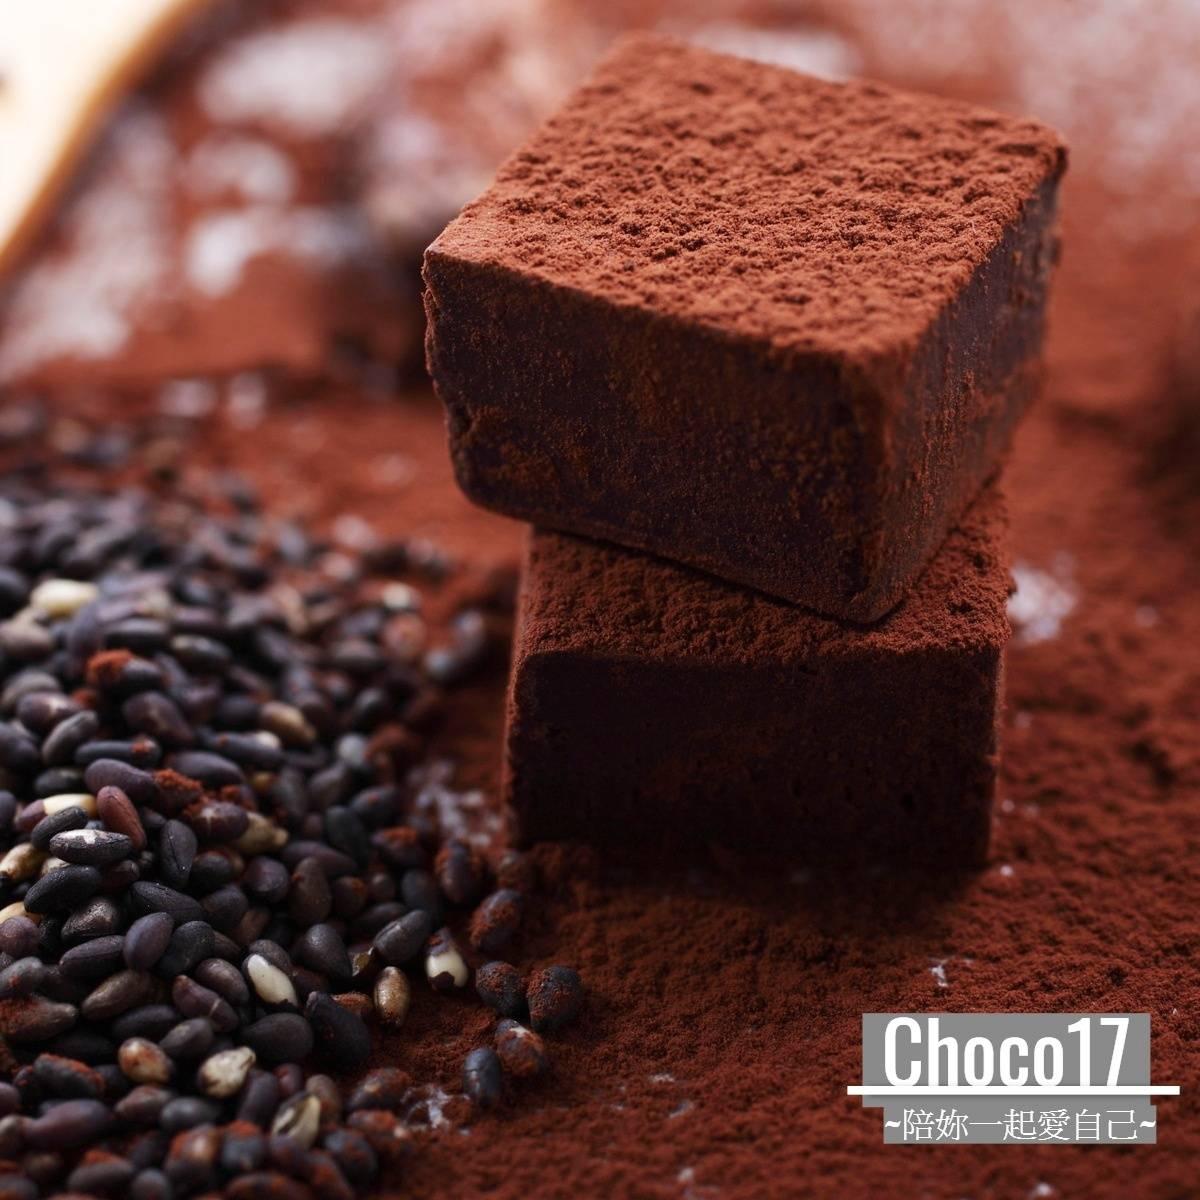 無糖芝麻生巧克力❤減重 | 生酮飲食必備❤第二件79折【Choco17 香謝17巧克力】巧克力專賣 | 領卷滿1000現折100 2